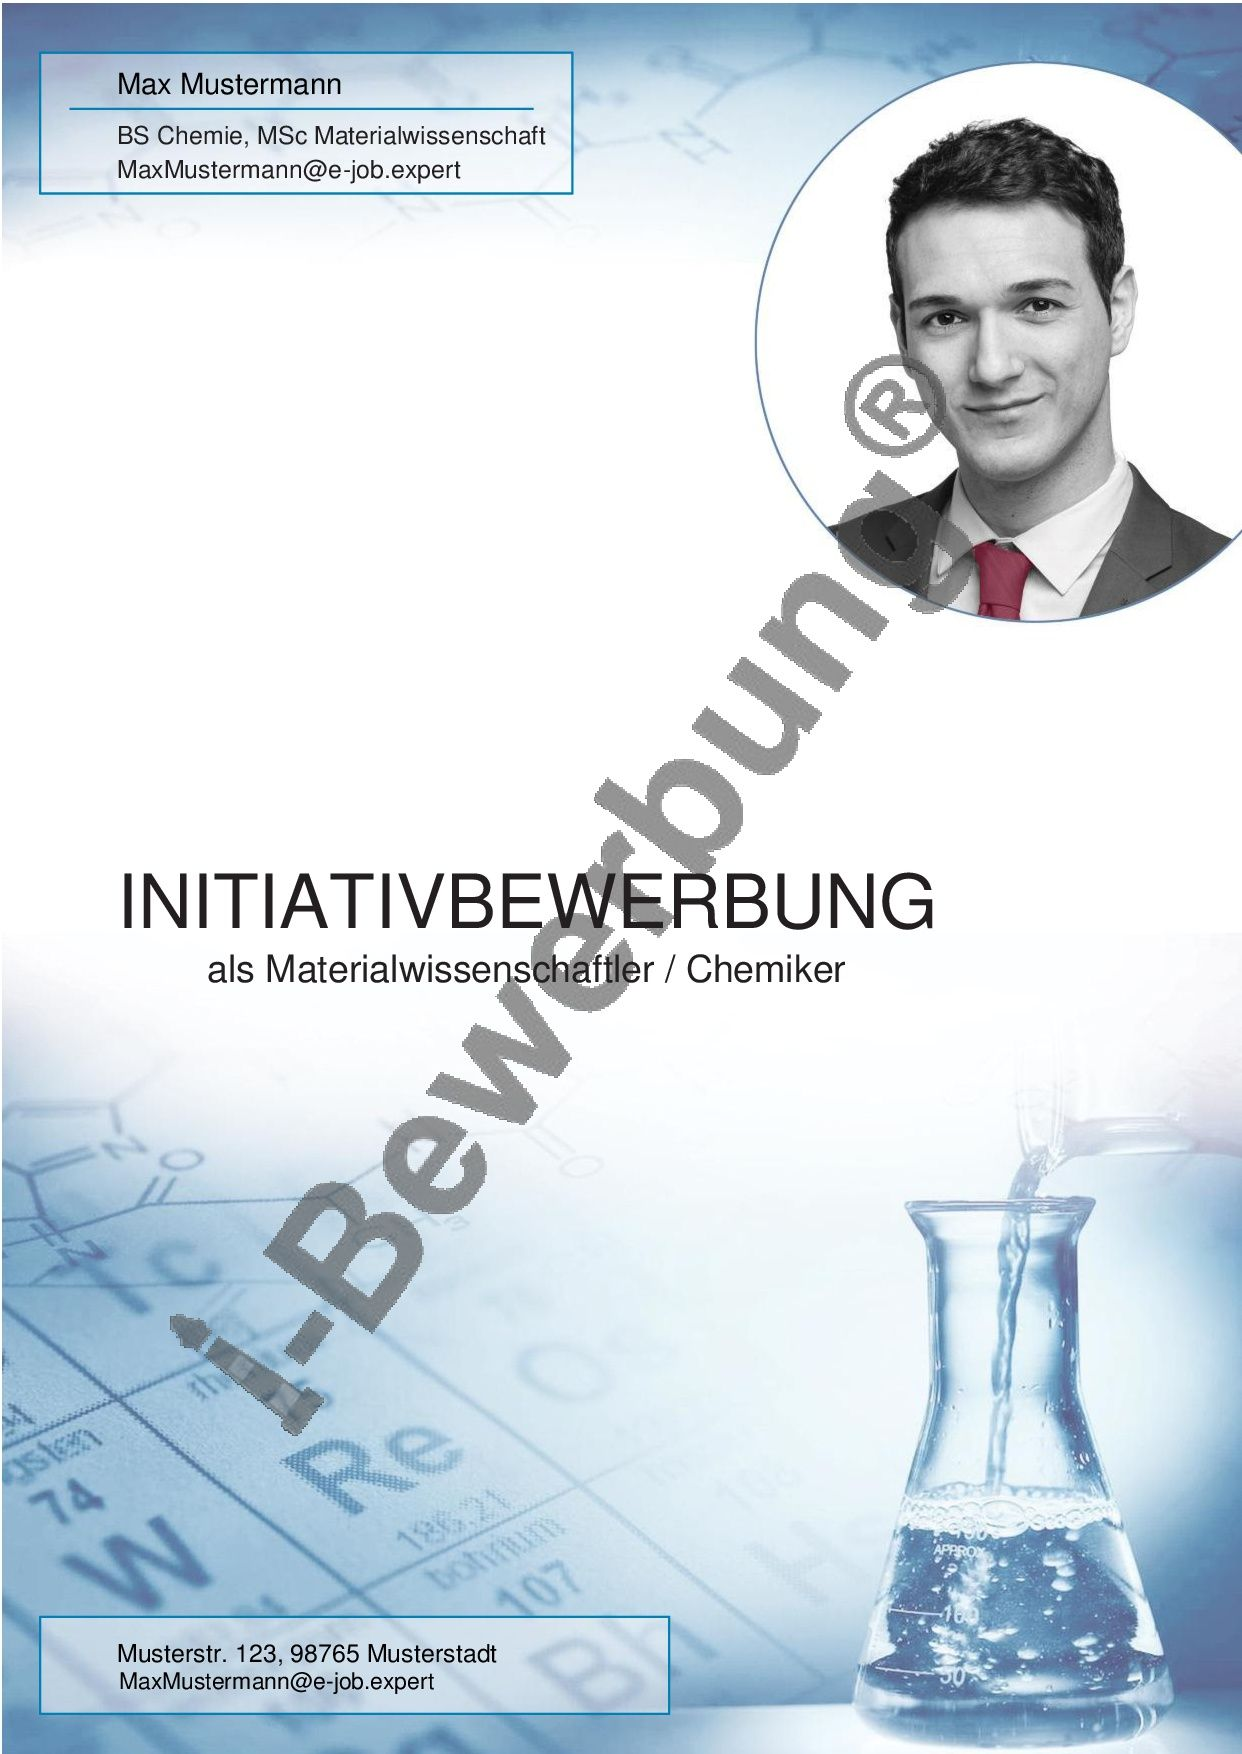 Selbstprasentation Auf Dem Deckblatt Zur Initiativbewerbung Bewerbung Deckblatt Vorlage Deckblatt